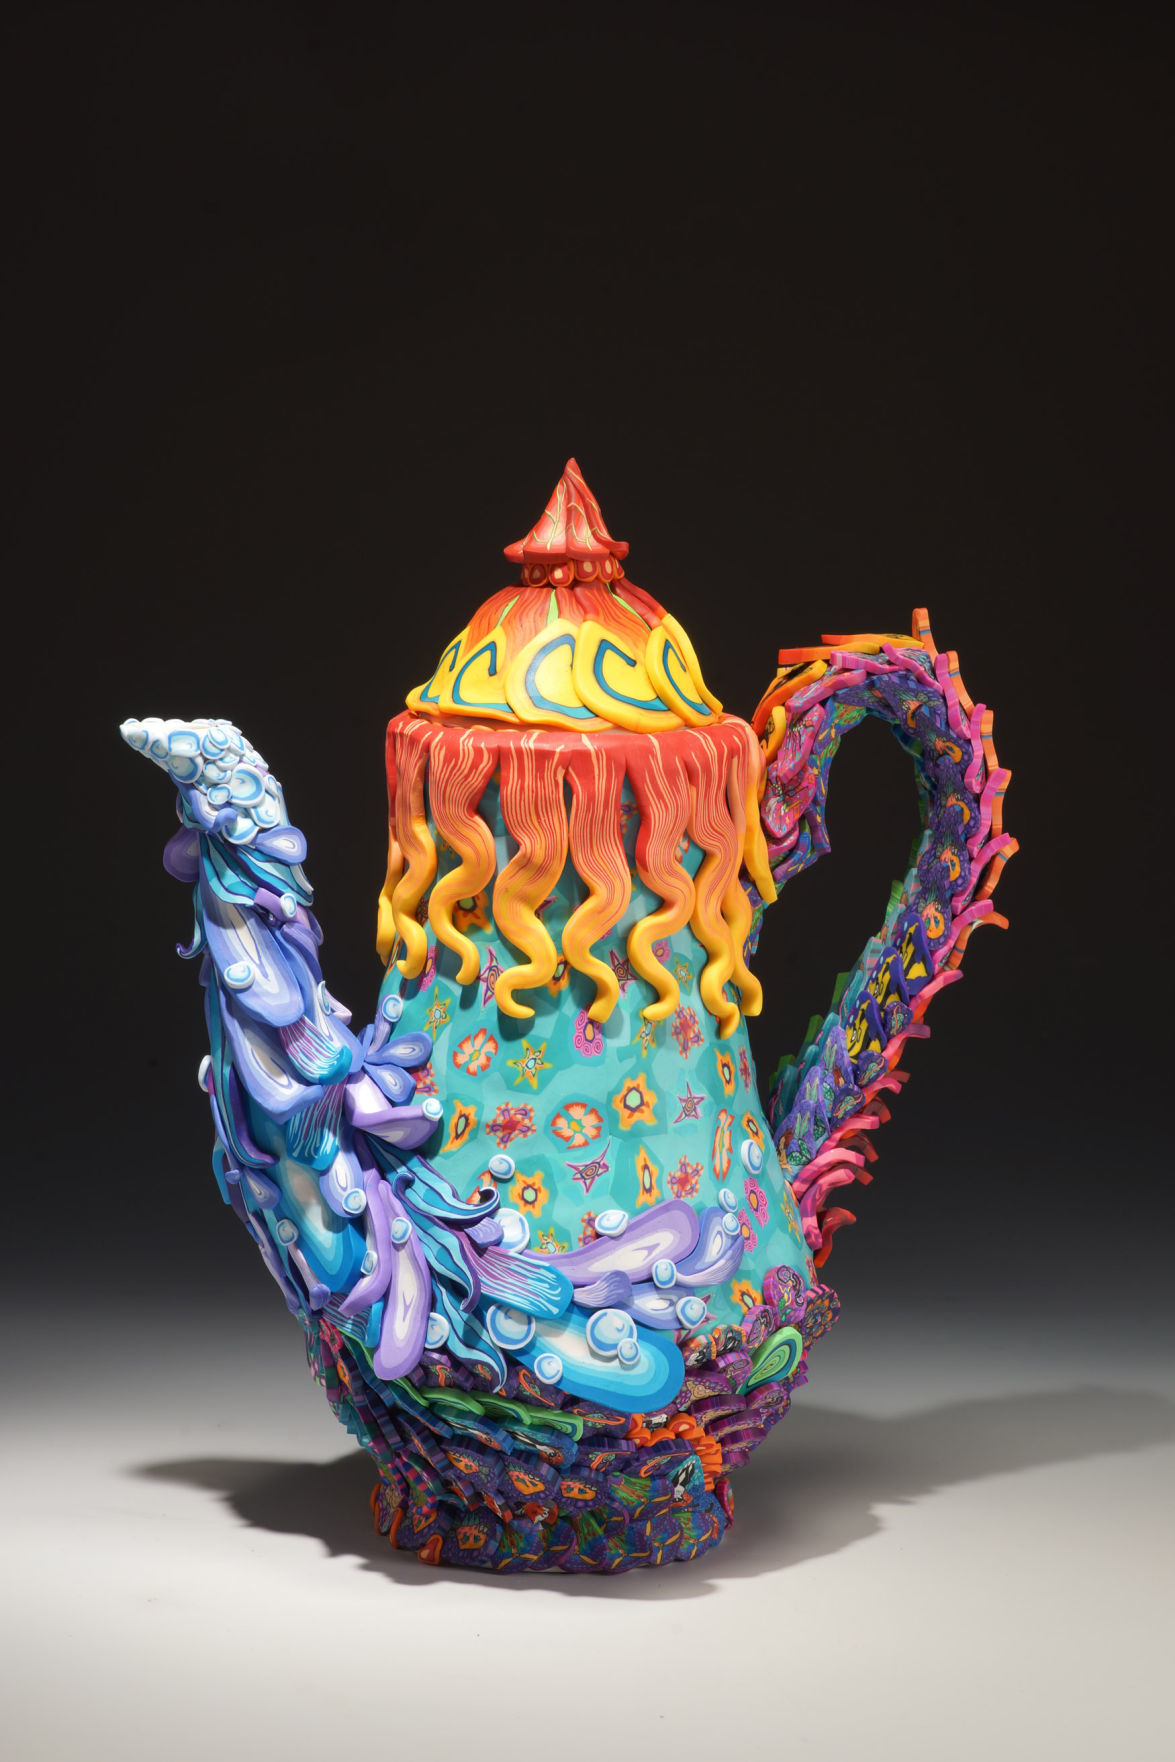 Art Splash Teapot top Minneapolis Artist, Layl McDill